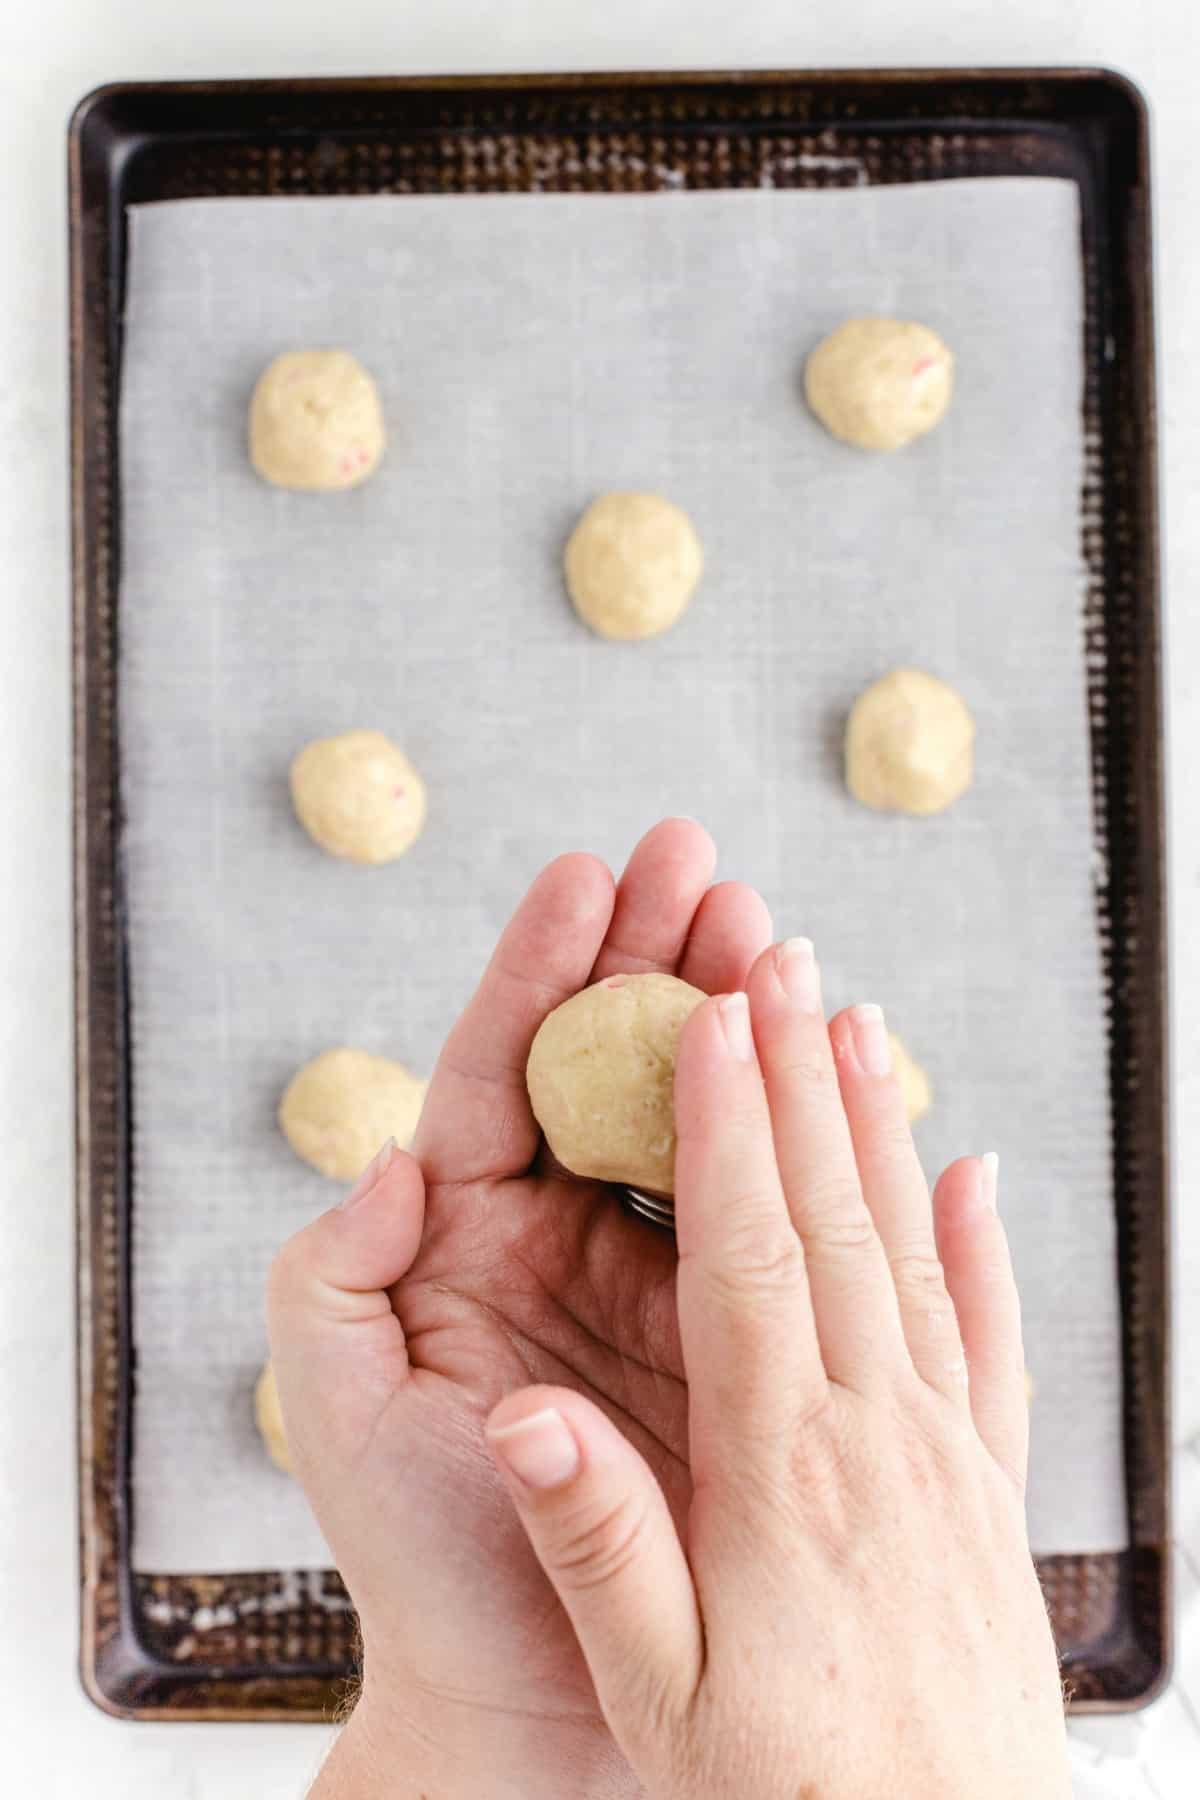 roll dough into balls